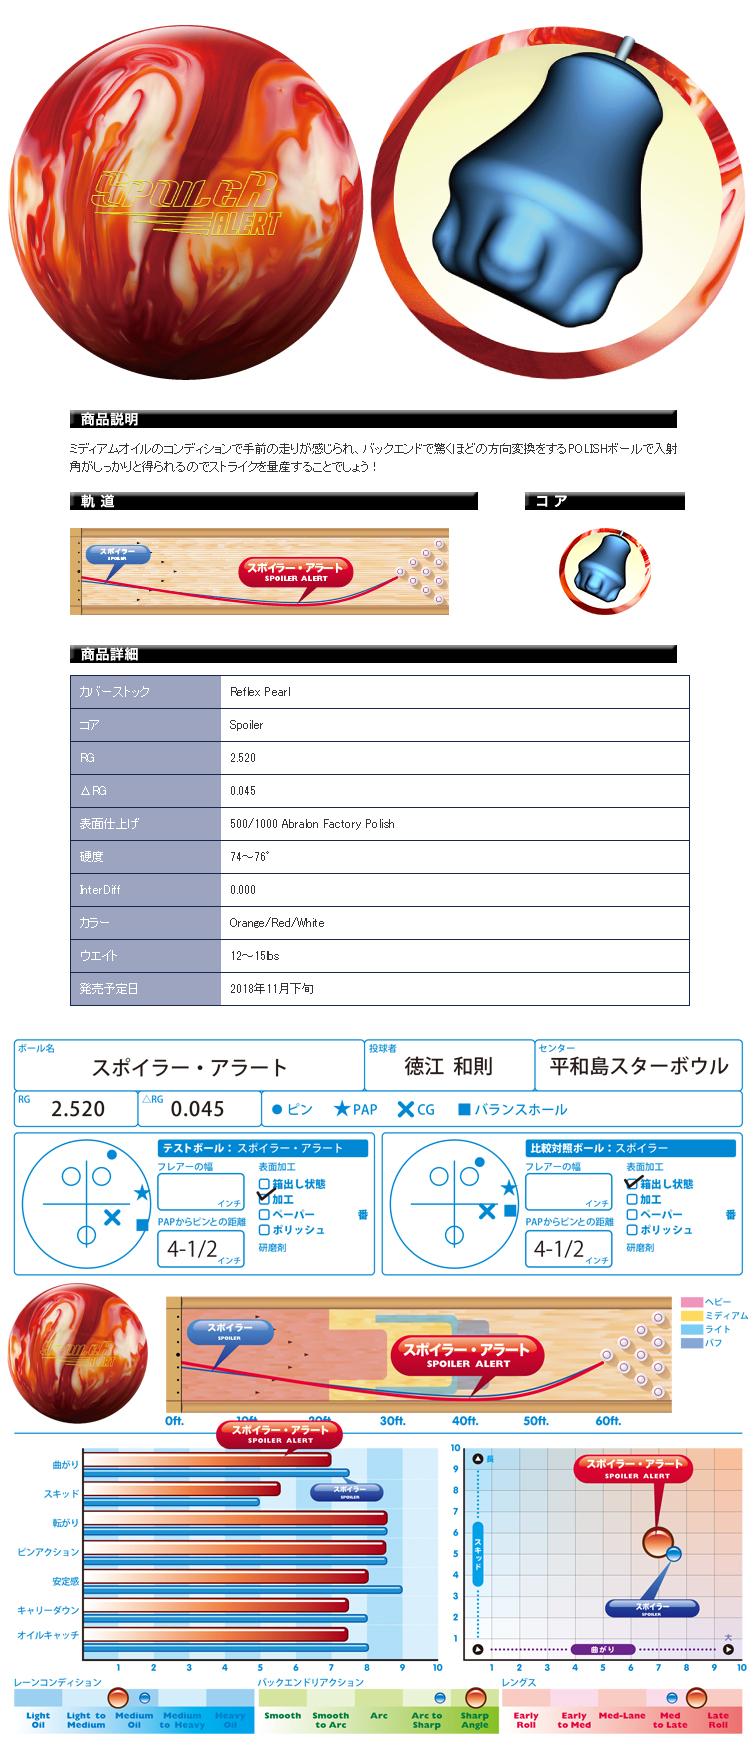 ボウリング用品 ボウリングボールCOLUMBIA300 スポイラーアラート SPOILER ALERT